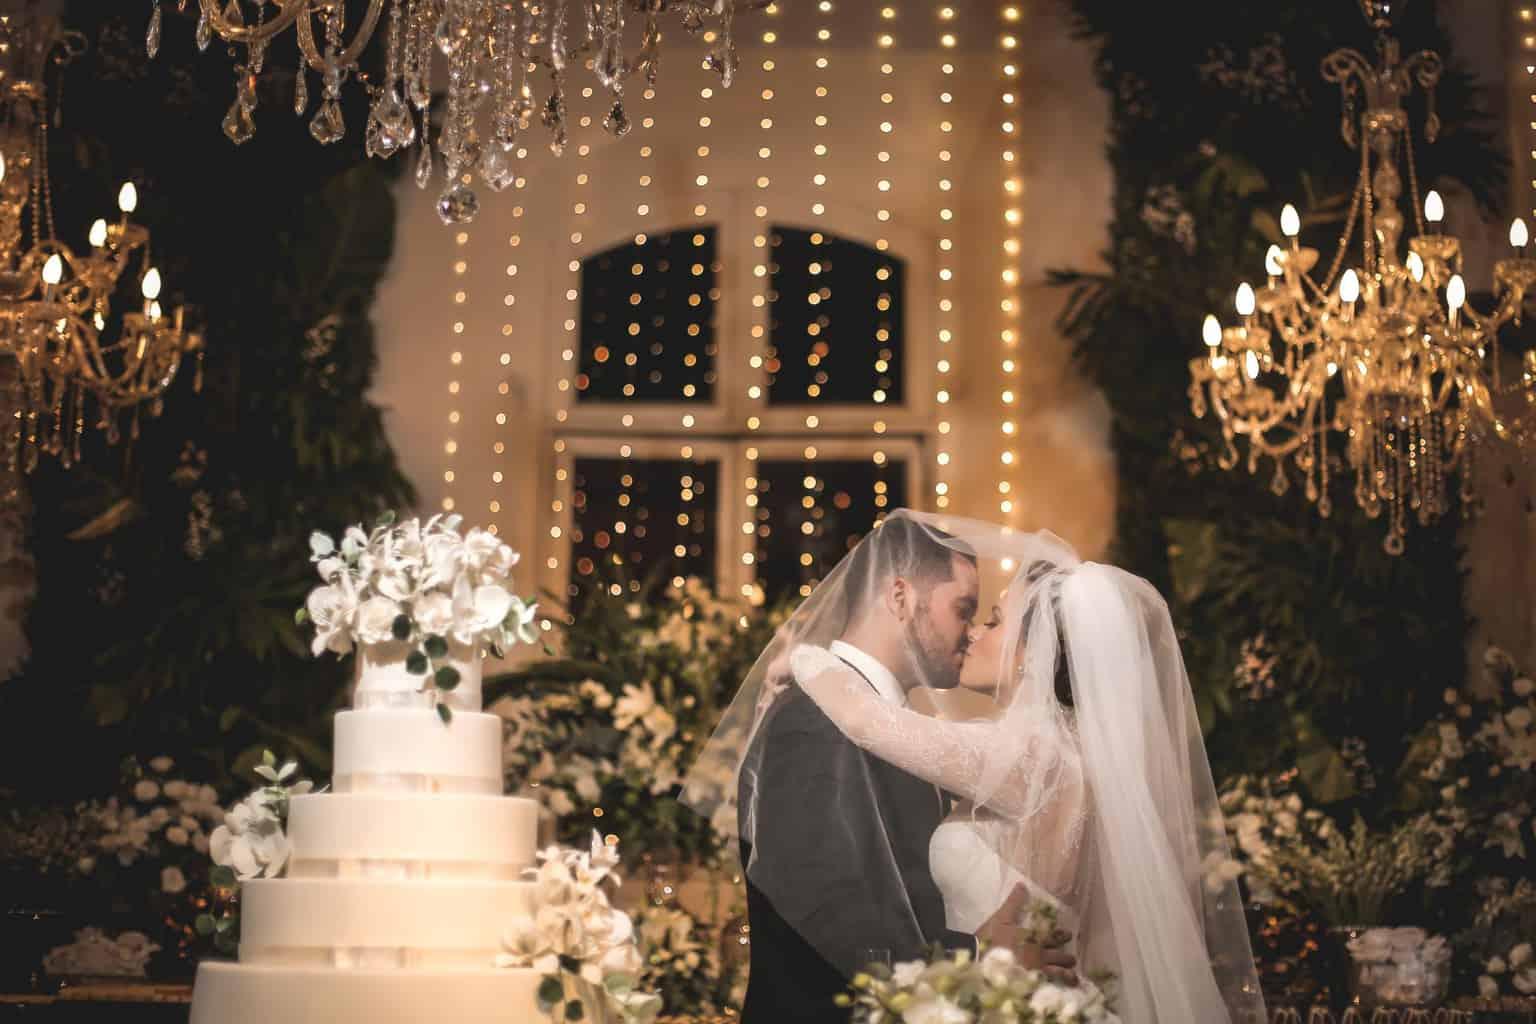 casamento-Juliana-e-Eduardo-foto-dos-noivos-Fotografia-Ricardo-Nascimento-e-Thereza-magno-Usina-dois-irmãos82